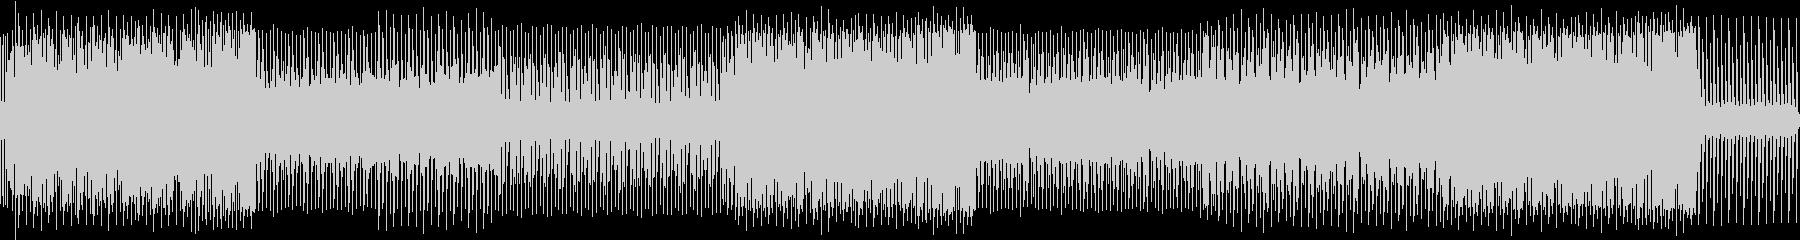 和風 EDM  ラウンジ 三味線 琴の未再生の波形